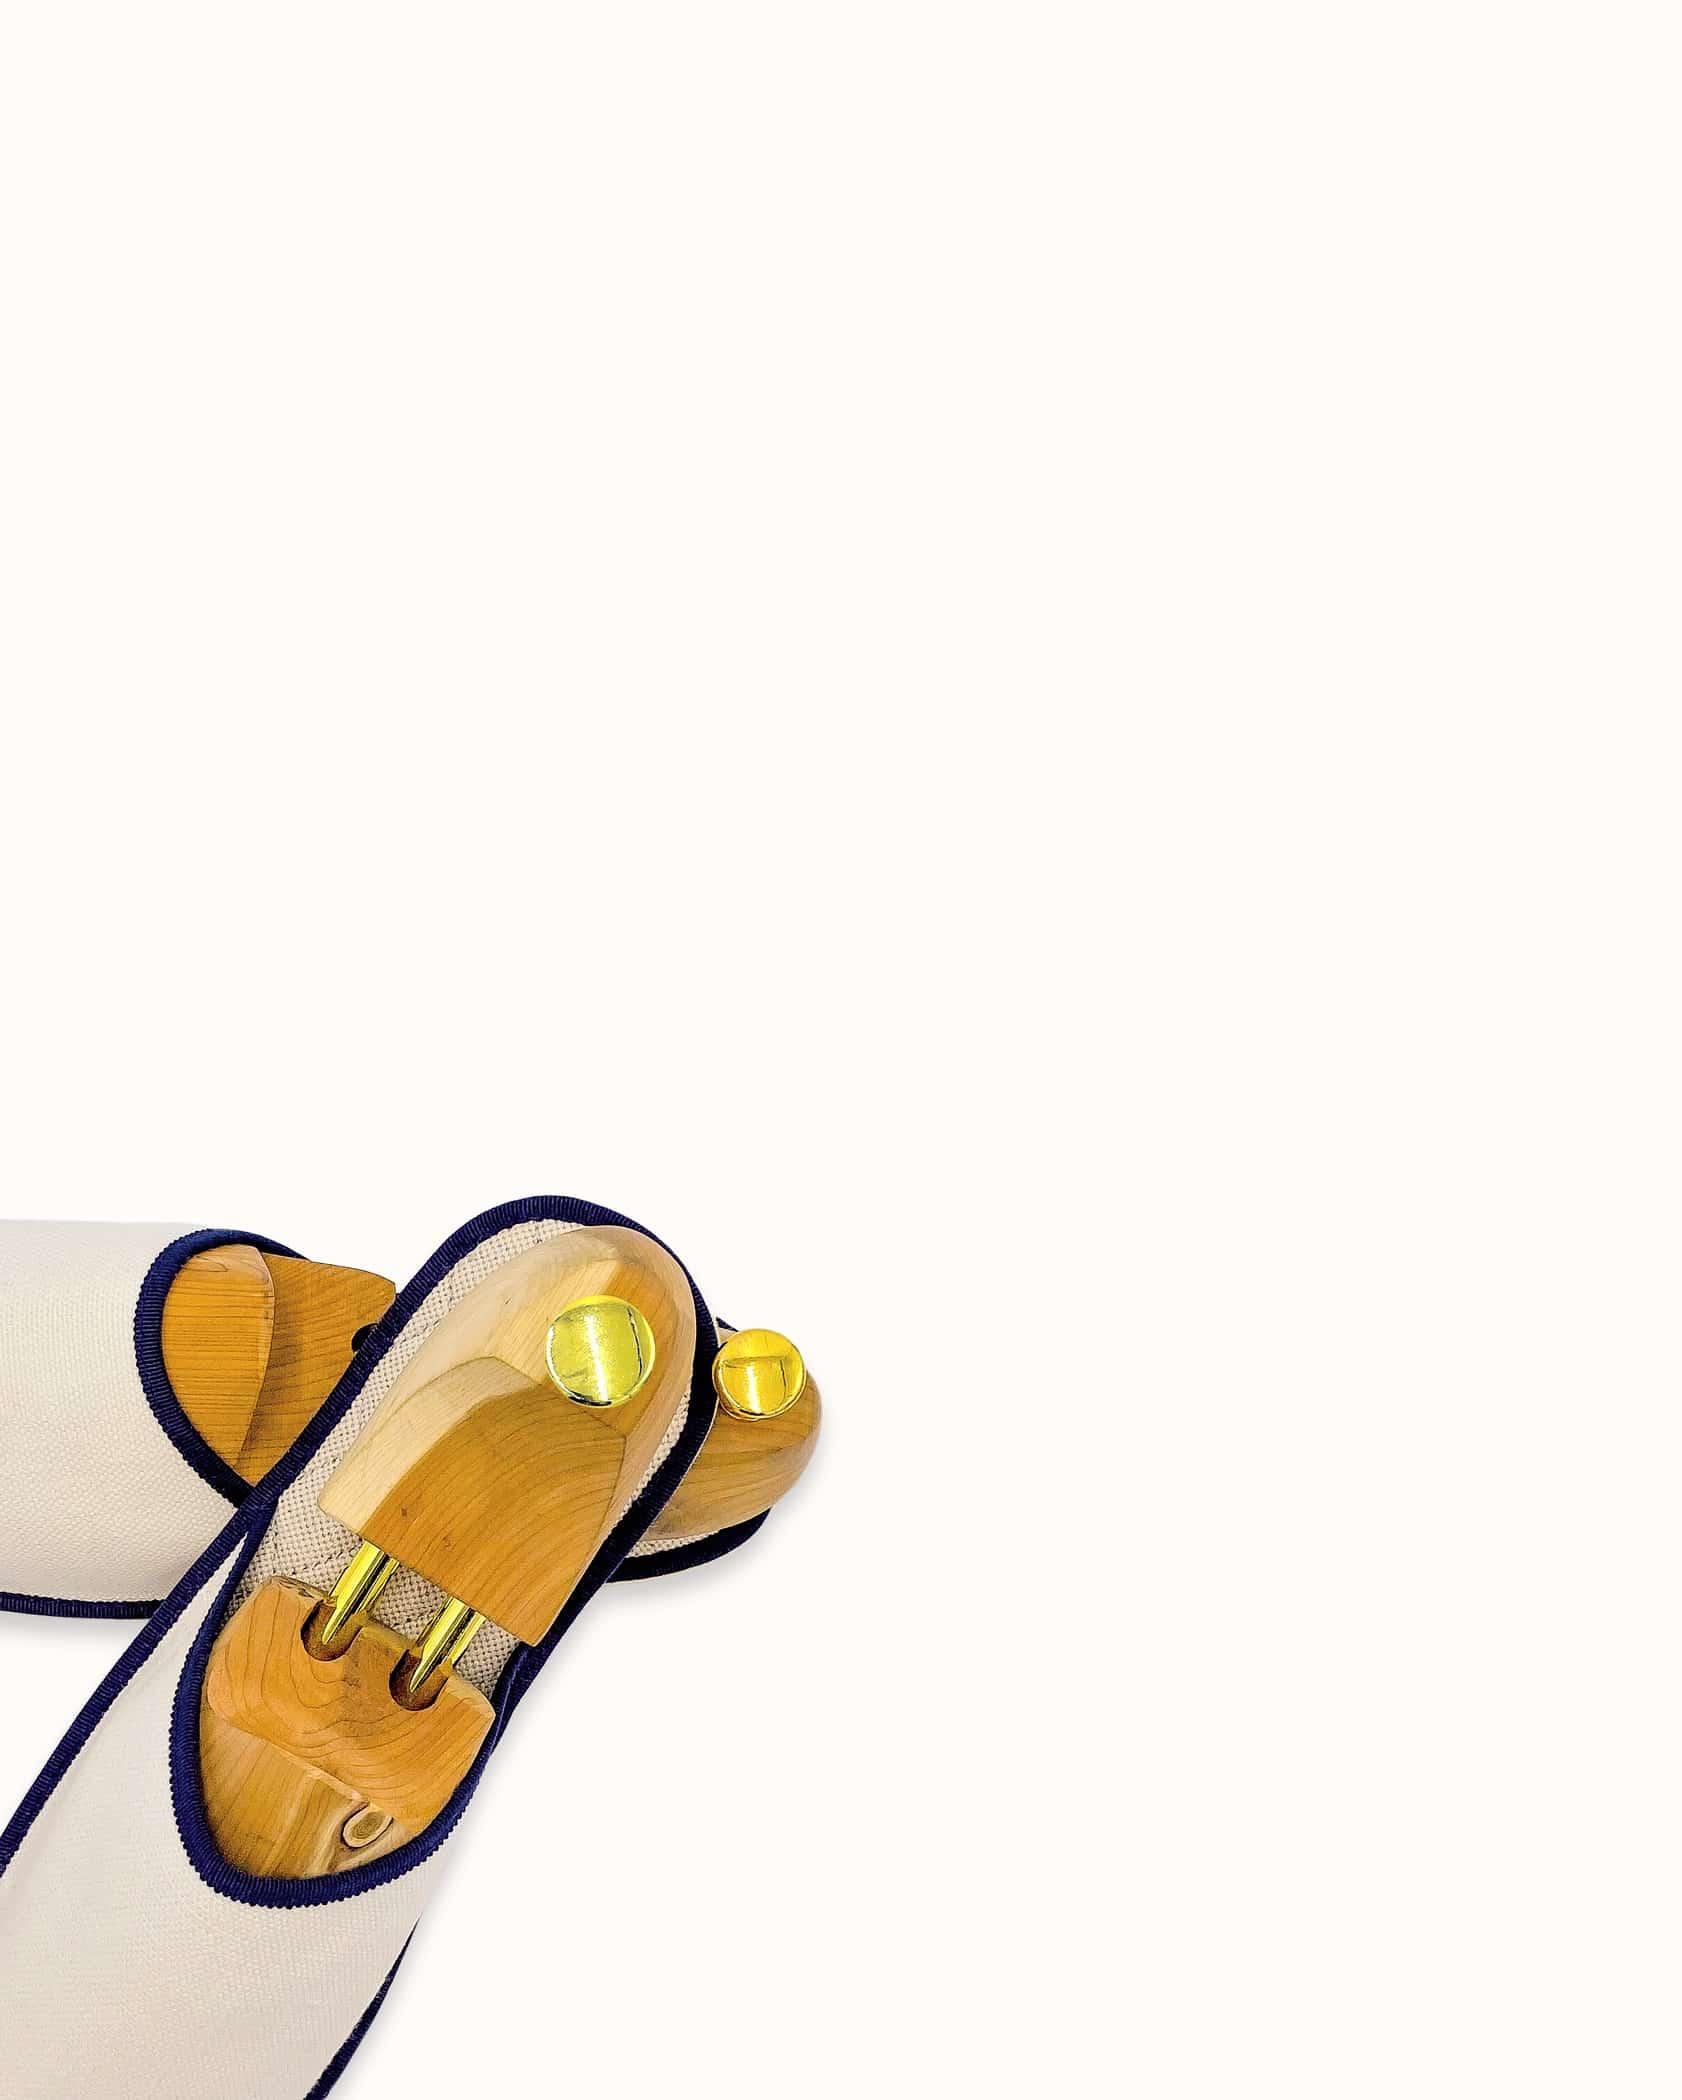 Chausson français pour homme, femme et enfant fabriqué en France. Modèle Albâtre (blanc et marine), une pantoufle comme à l'hôtel vêtue d'un rembourrage matelassé et d'une finition sophistiquée.